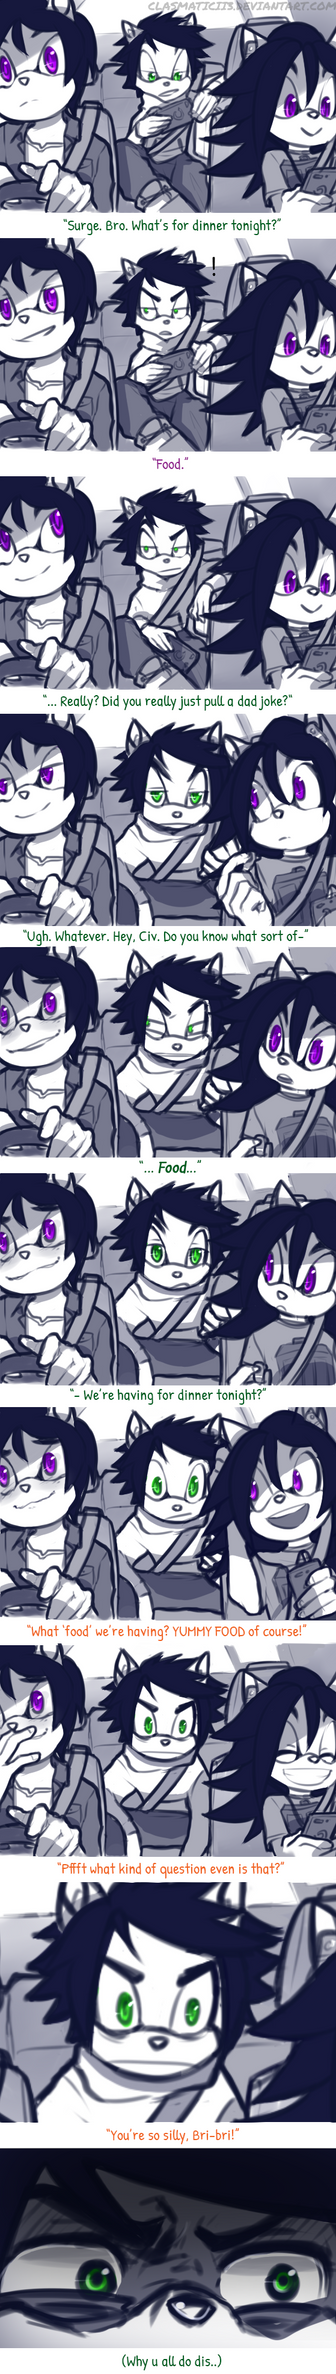 Food by Clasmaticii3